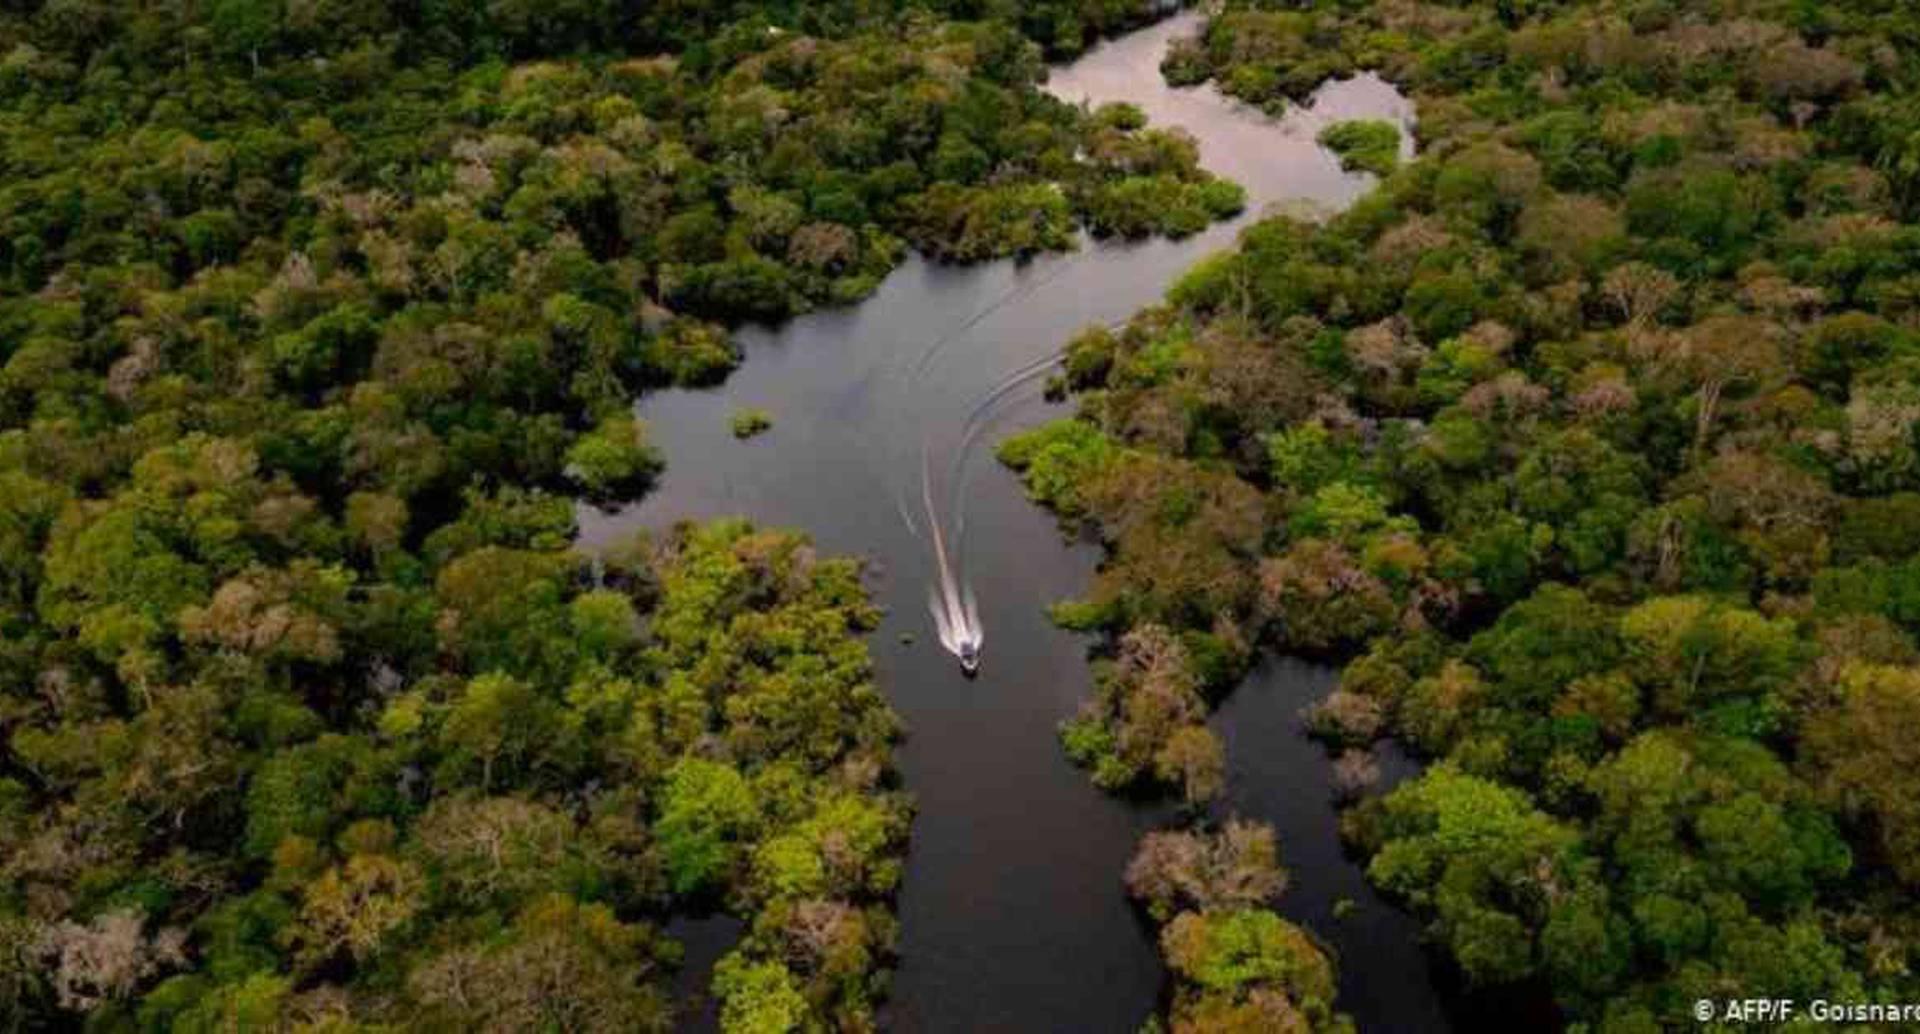 Manaos en Brasil, Iquitos en Perú y Leticia en Colombia, son los puntos que concentran más casos de coronavirus en la Amazonia. Foto: F. Goisnard /AFP vía DW.